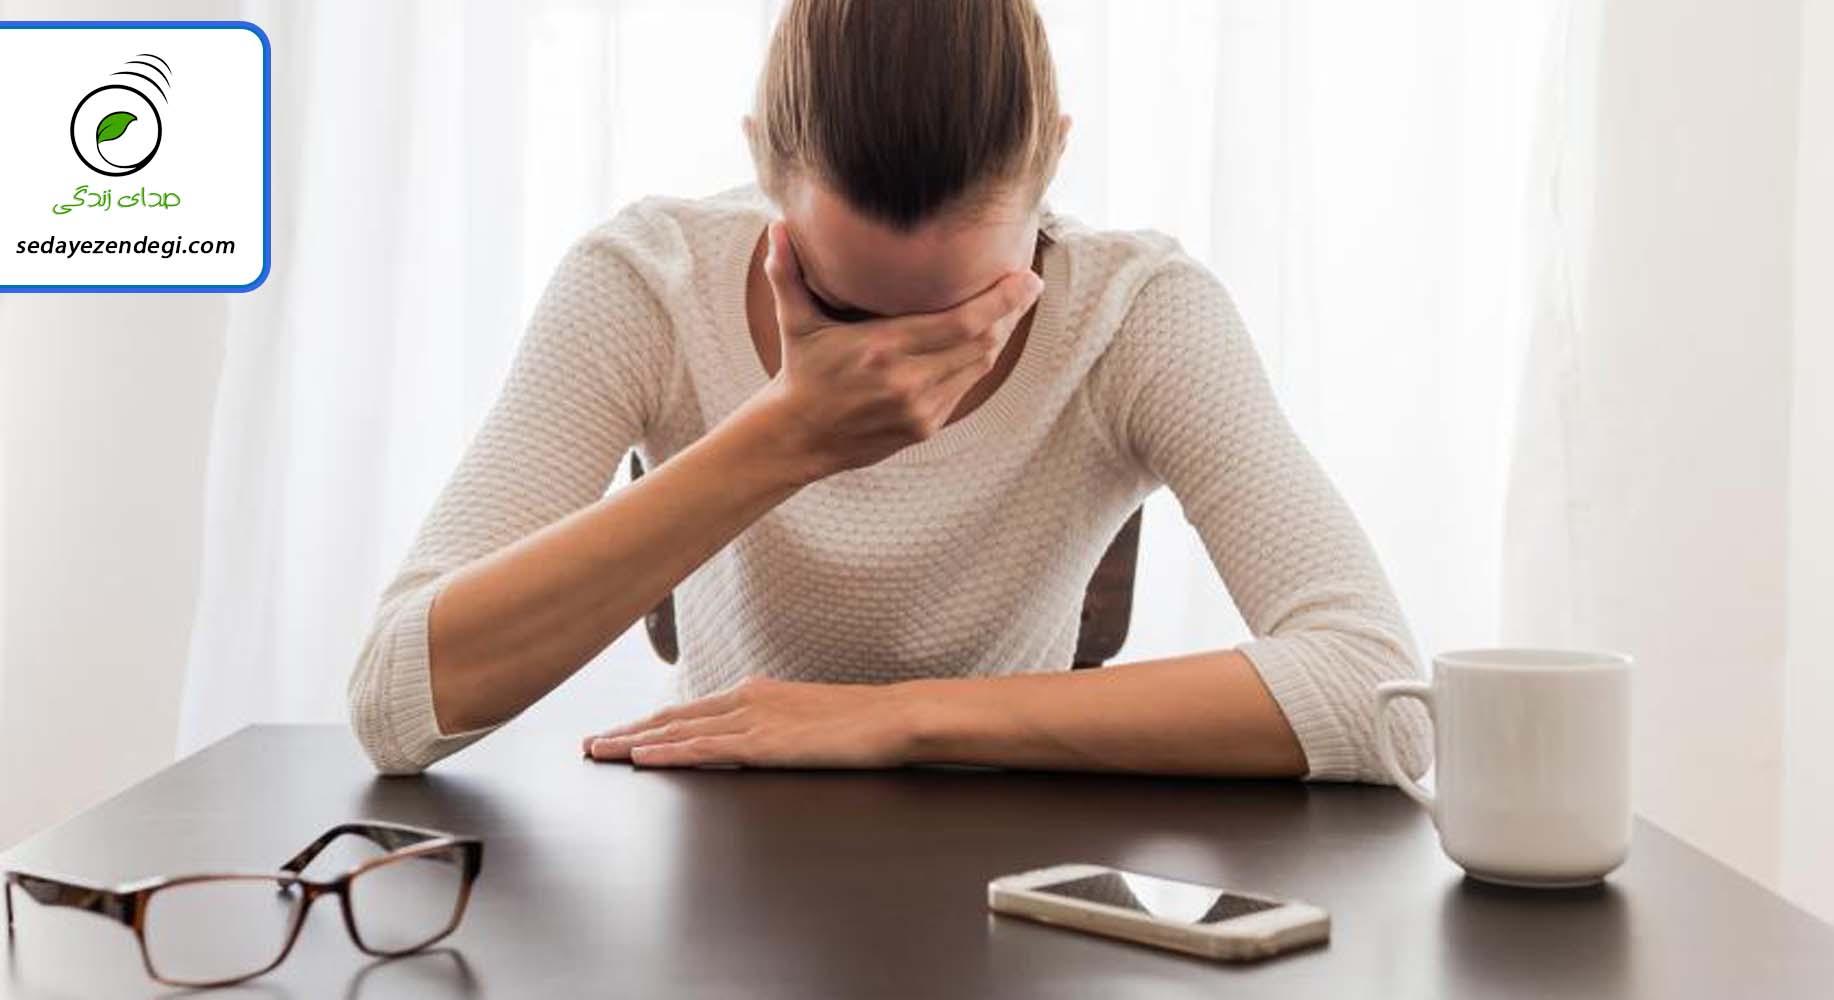 چطور از شر اضطراب رها شویم؟ ۳ تمرین تمرکز حواس برای کاهش اضطراب